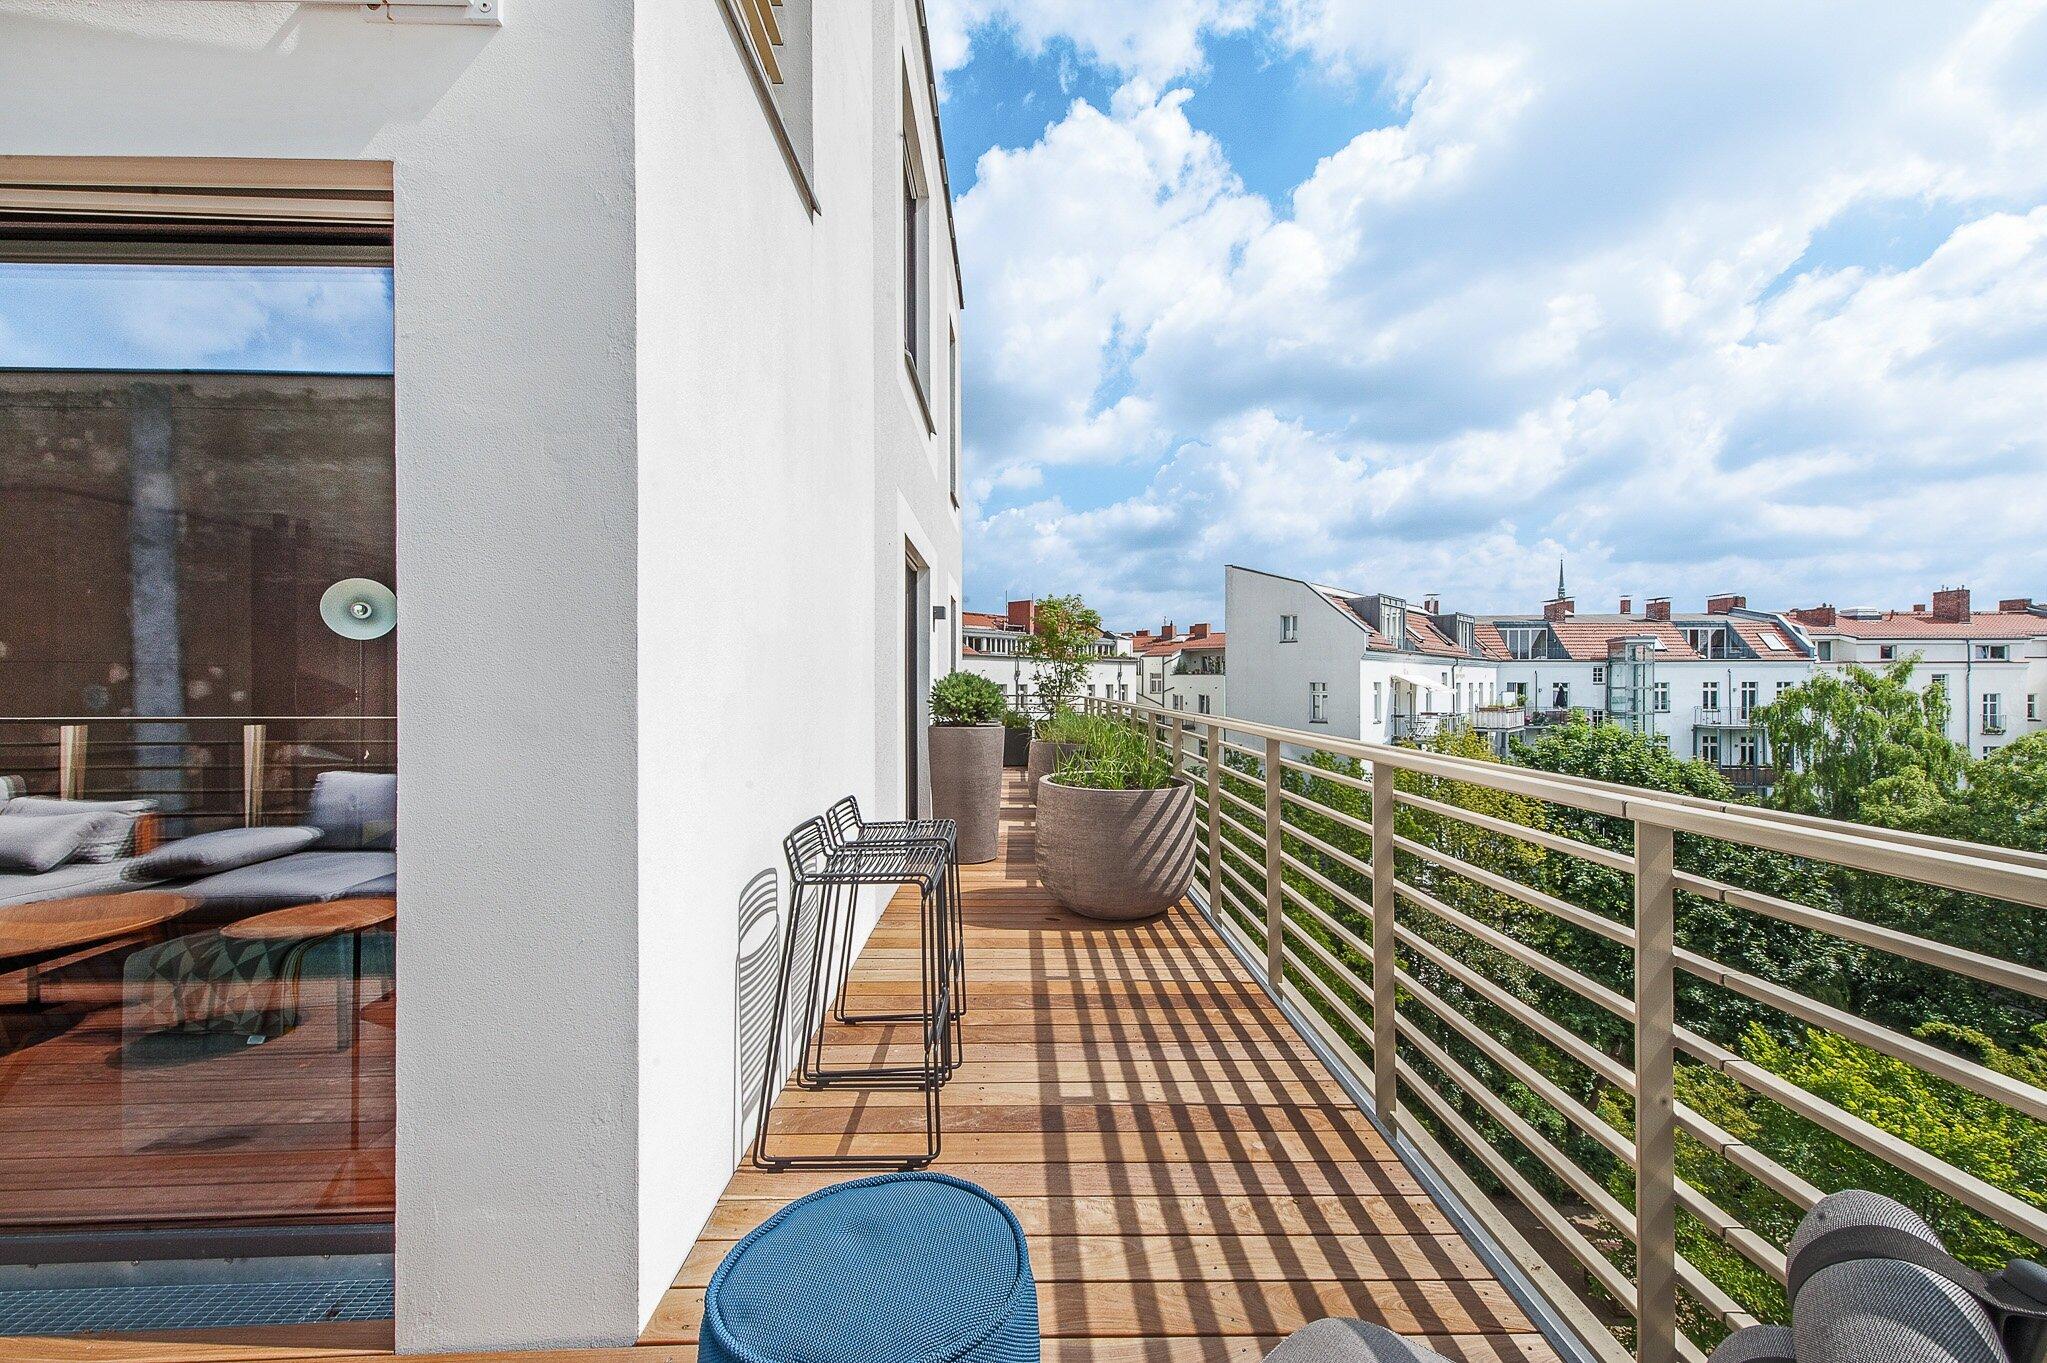 Blick vom Balkon des Apartments über die umliegenden Häuserdächer